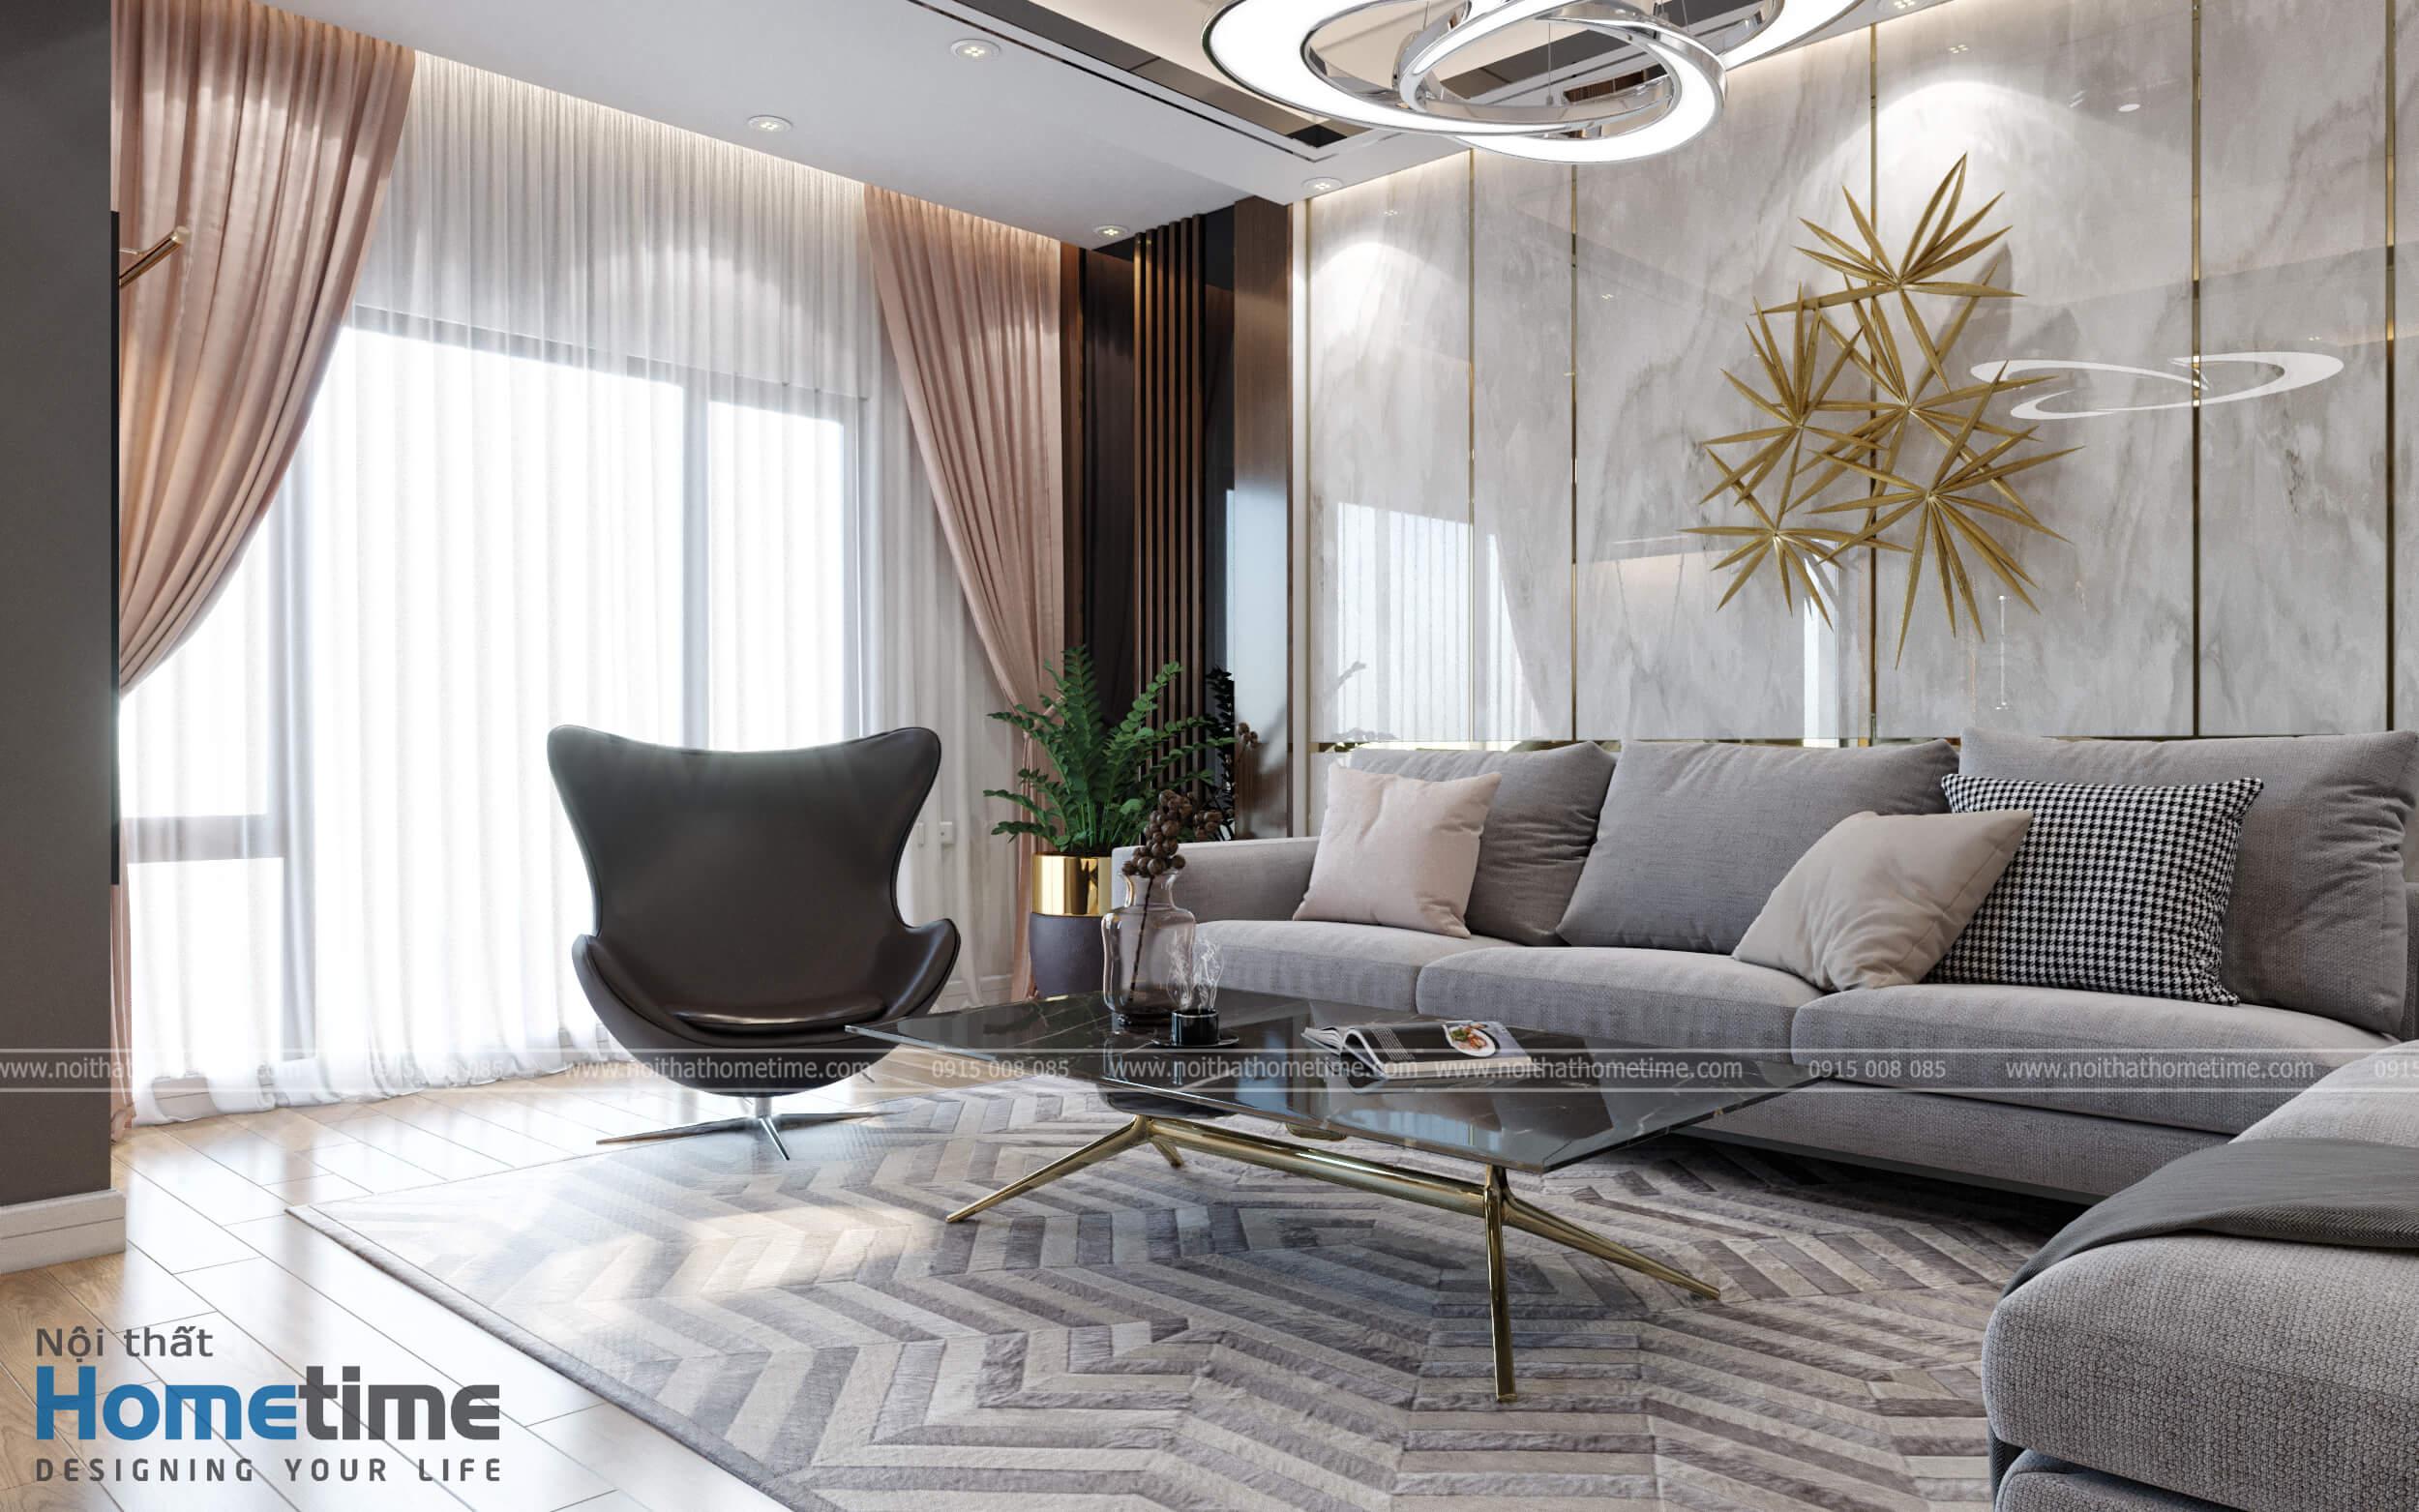 Lựa chọn đồ nội thất cao cấp cùng với hệ thống cửa kính cường lực để hứng ánh sáng tự nhiên